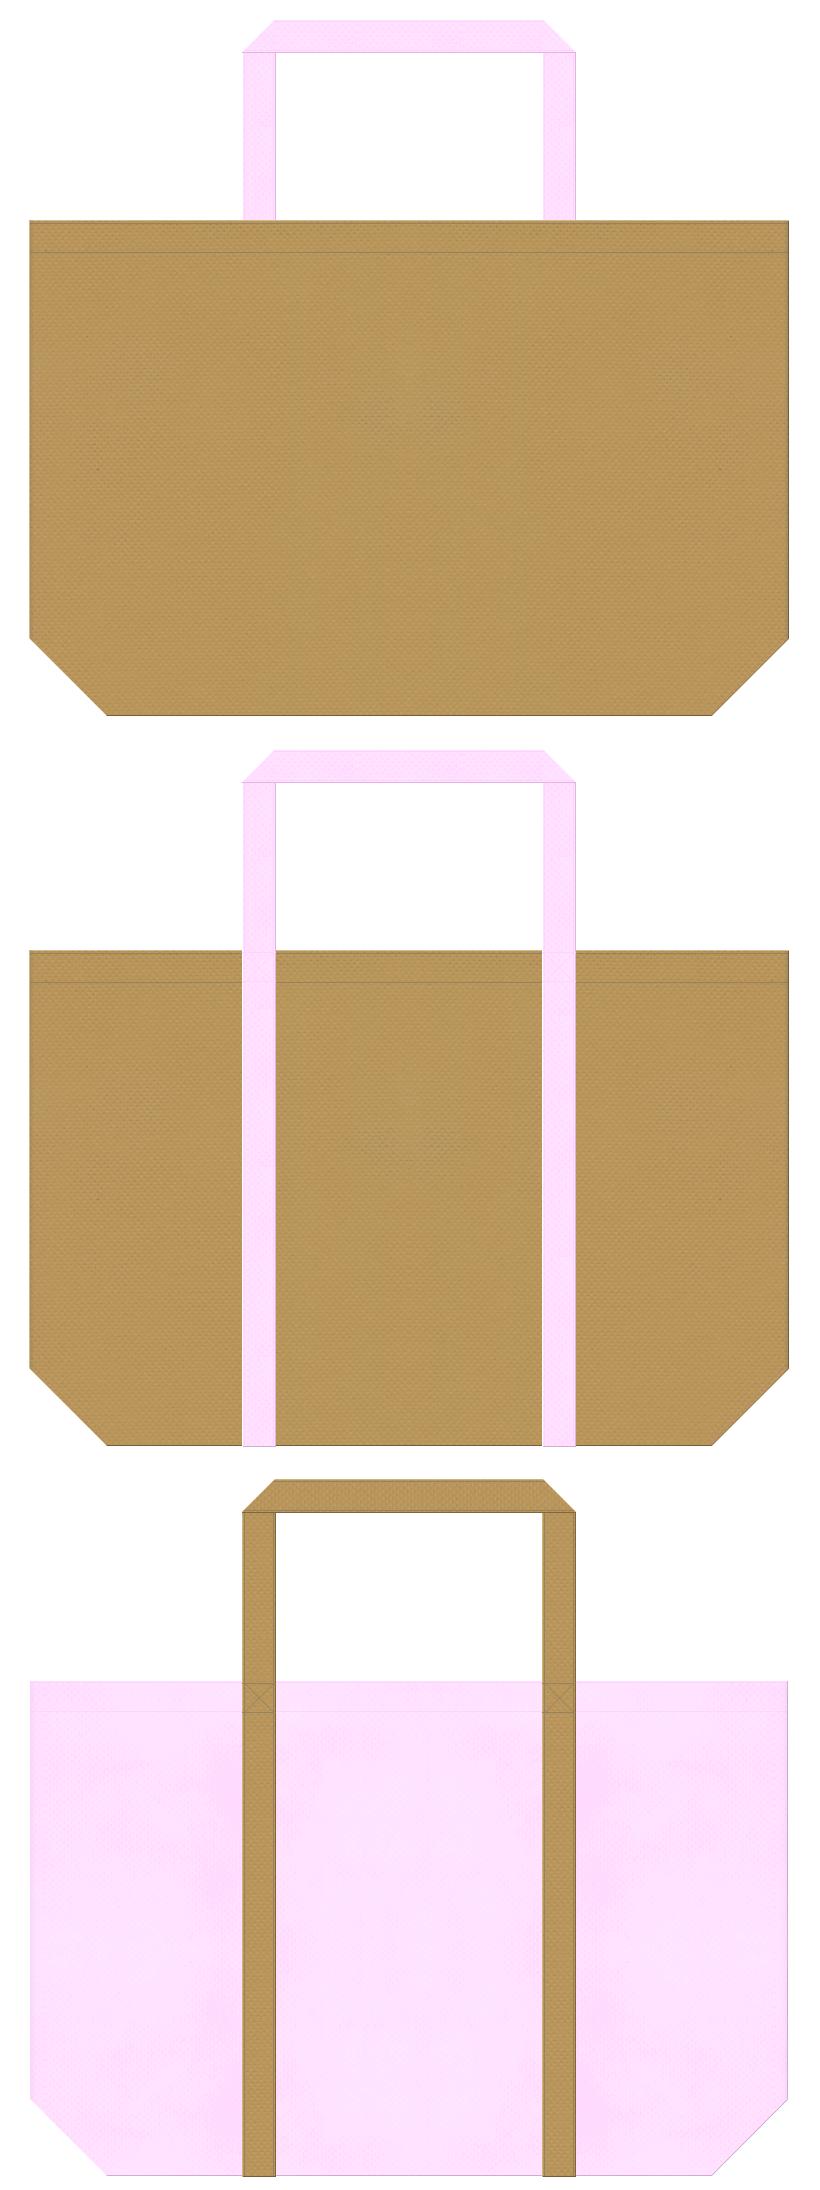 ペットショップ・ペットサロン・アニマルケア・ペット用品・ペットフードのショッピングバッグにお奨めの不織布バッグデザイン:金黄土色と明るいピンク色のコーデ